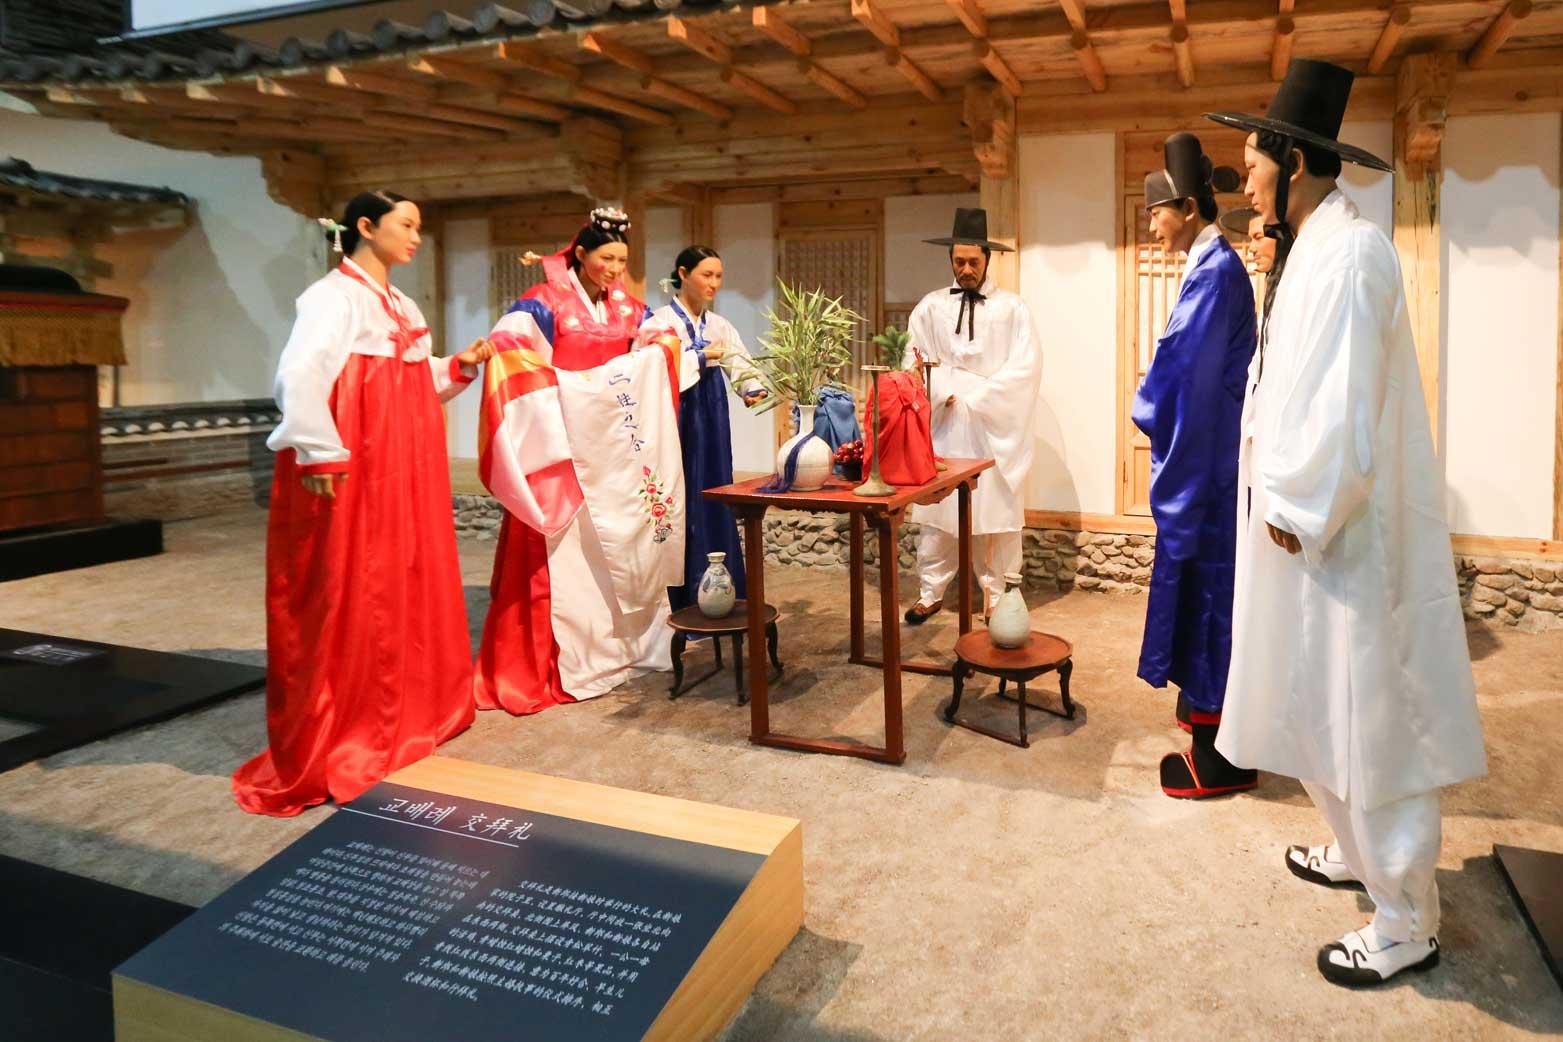 延辺朝鮮族自治州60周年にできた延辺博物館と朝鮮族の冷めた関係_b0235153_11241975.jpg